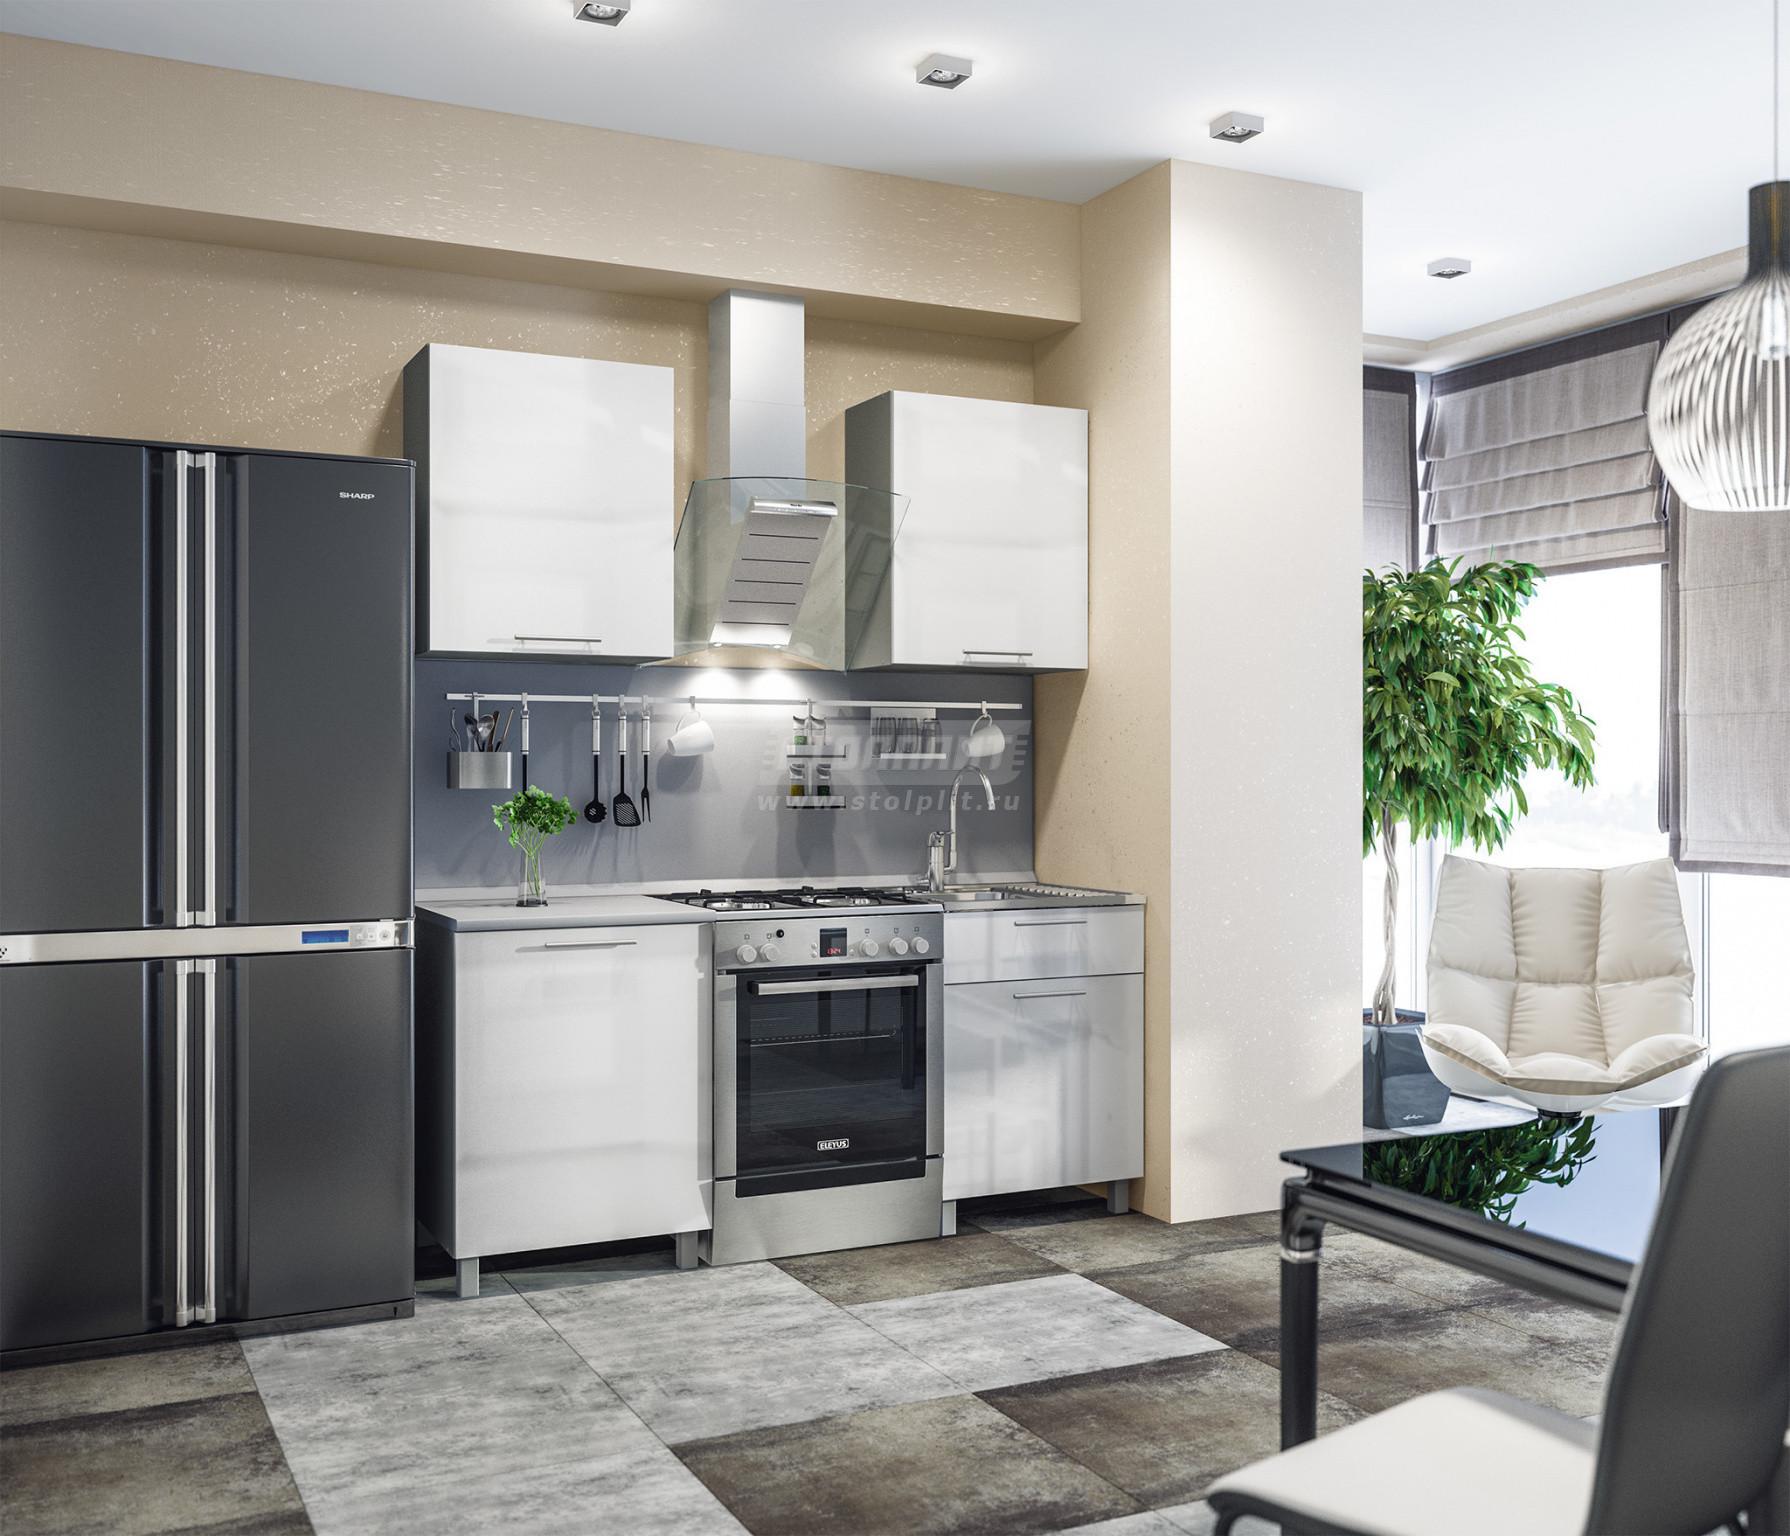 Кухня Столплит Анна L-1800 алюминий/белый глянец 120x214x60 см